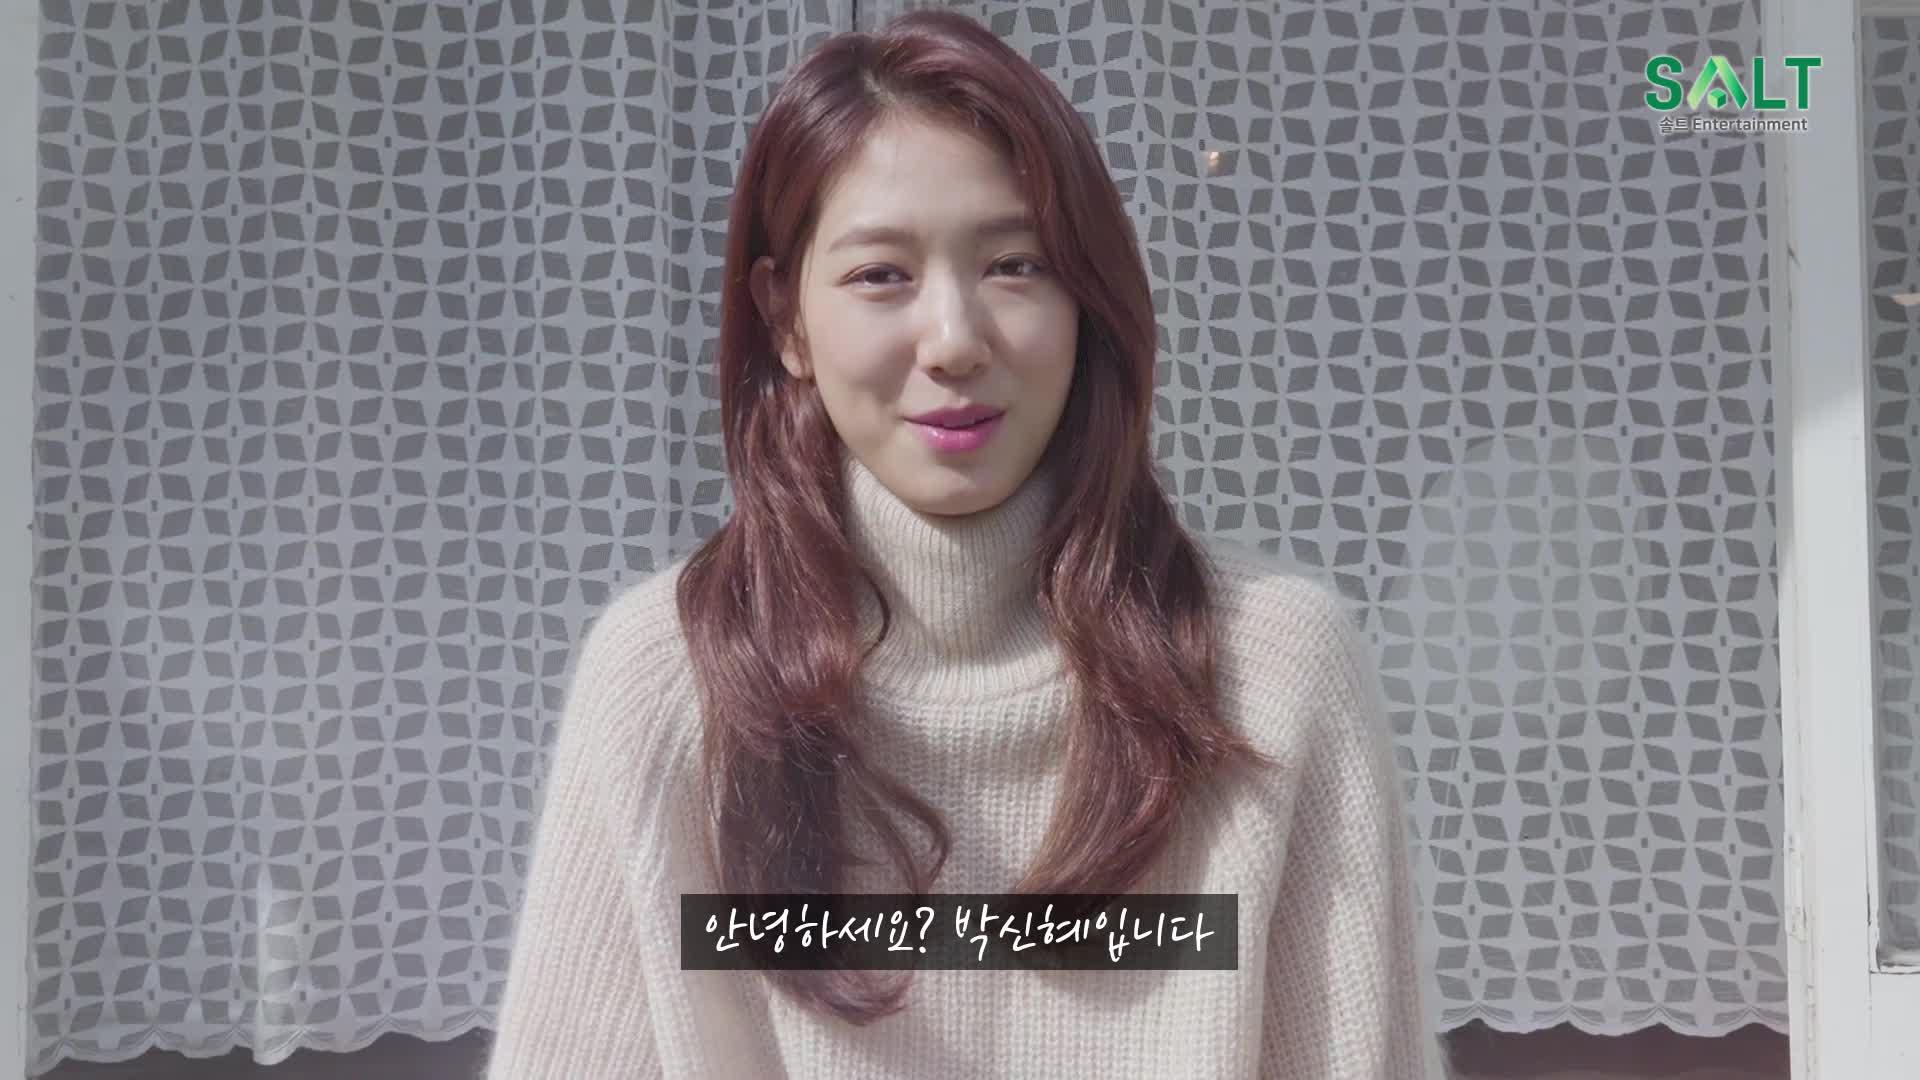 [박신혜] 2019 박신혜 팬미팅 'Voice of Angel' 티저 영상